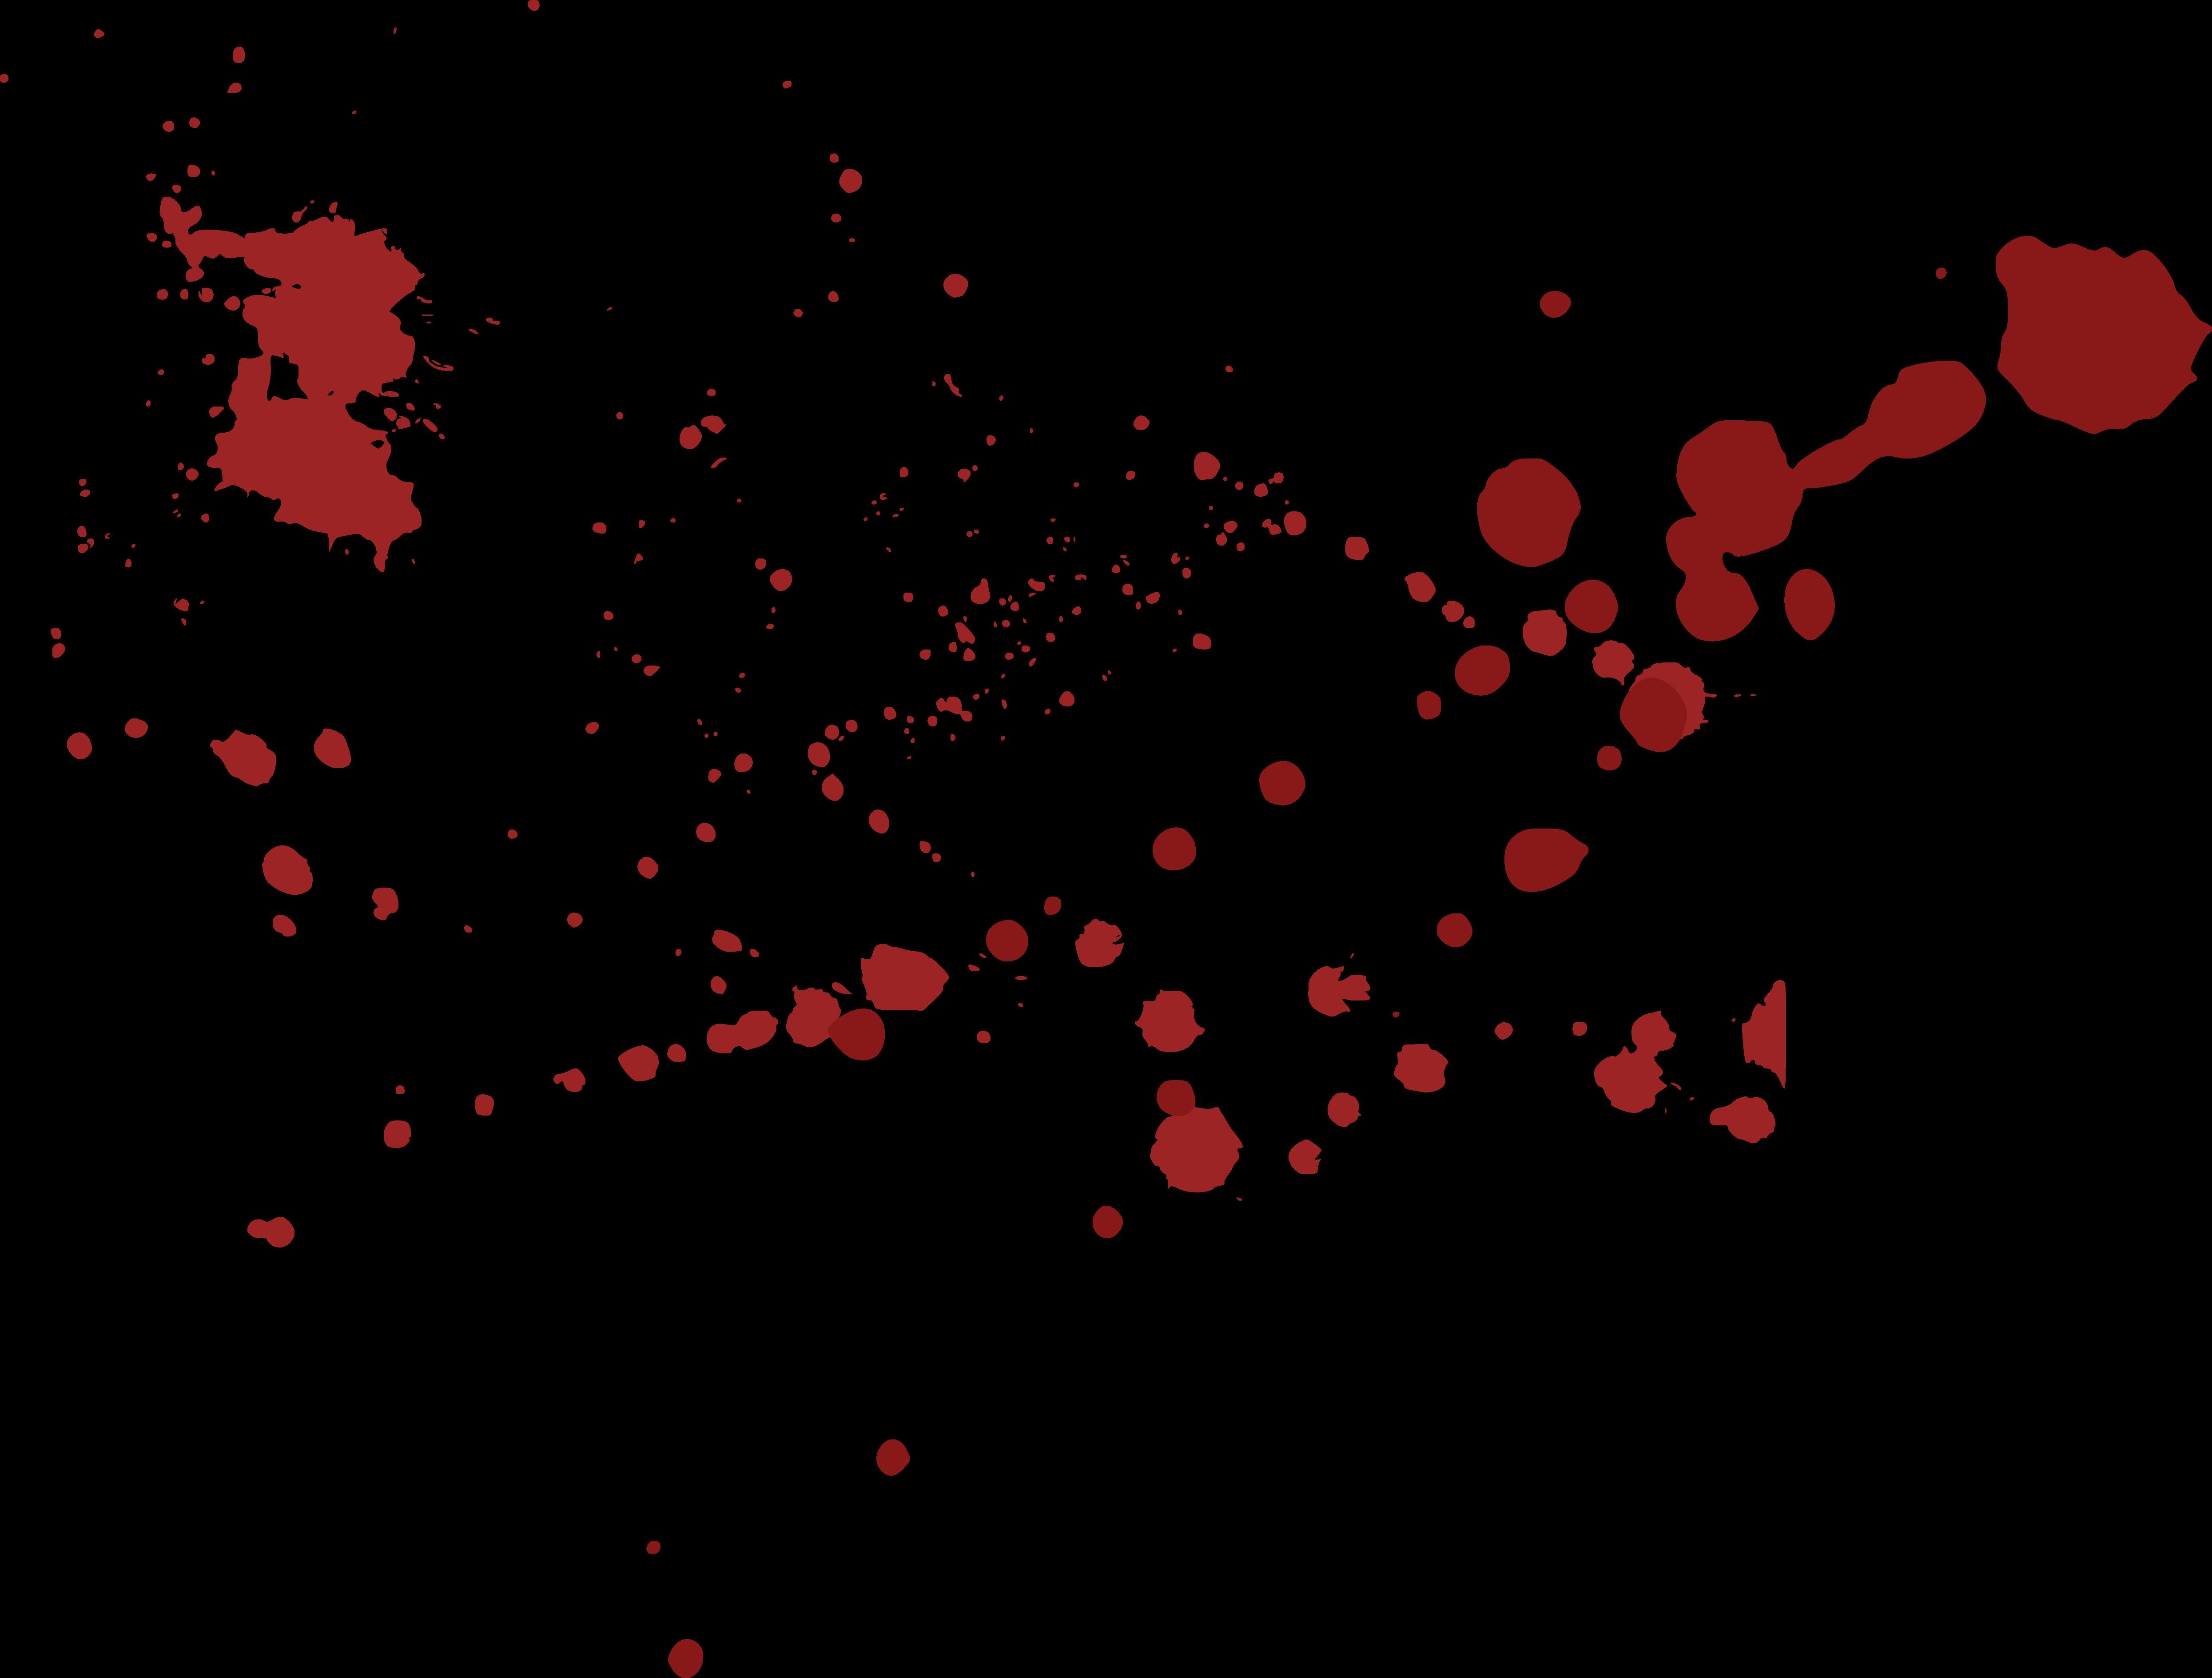 4980x3777 Blood Euclidean Vector Splatter Film Clip Art